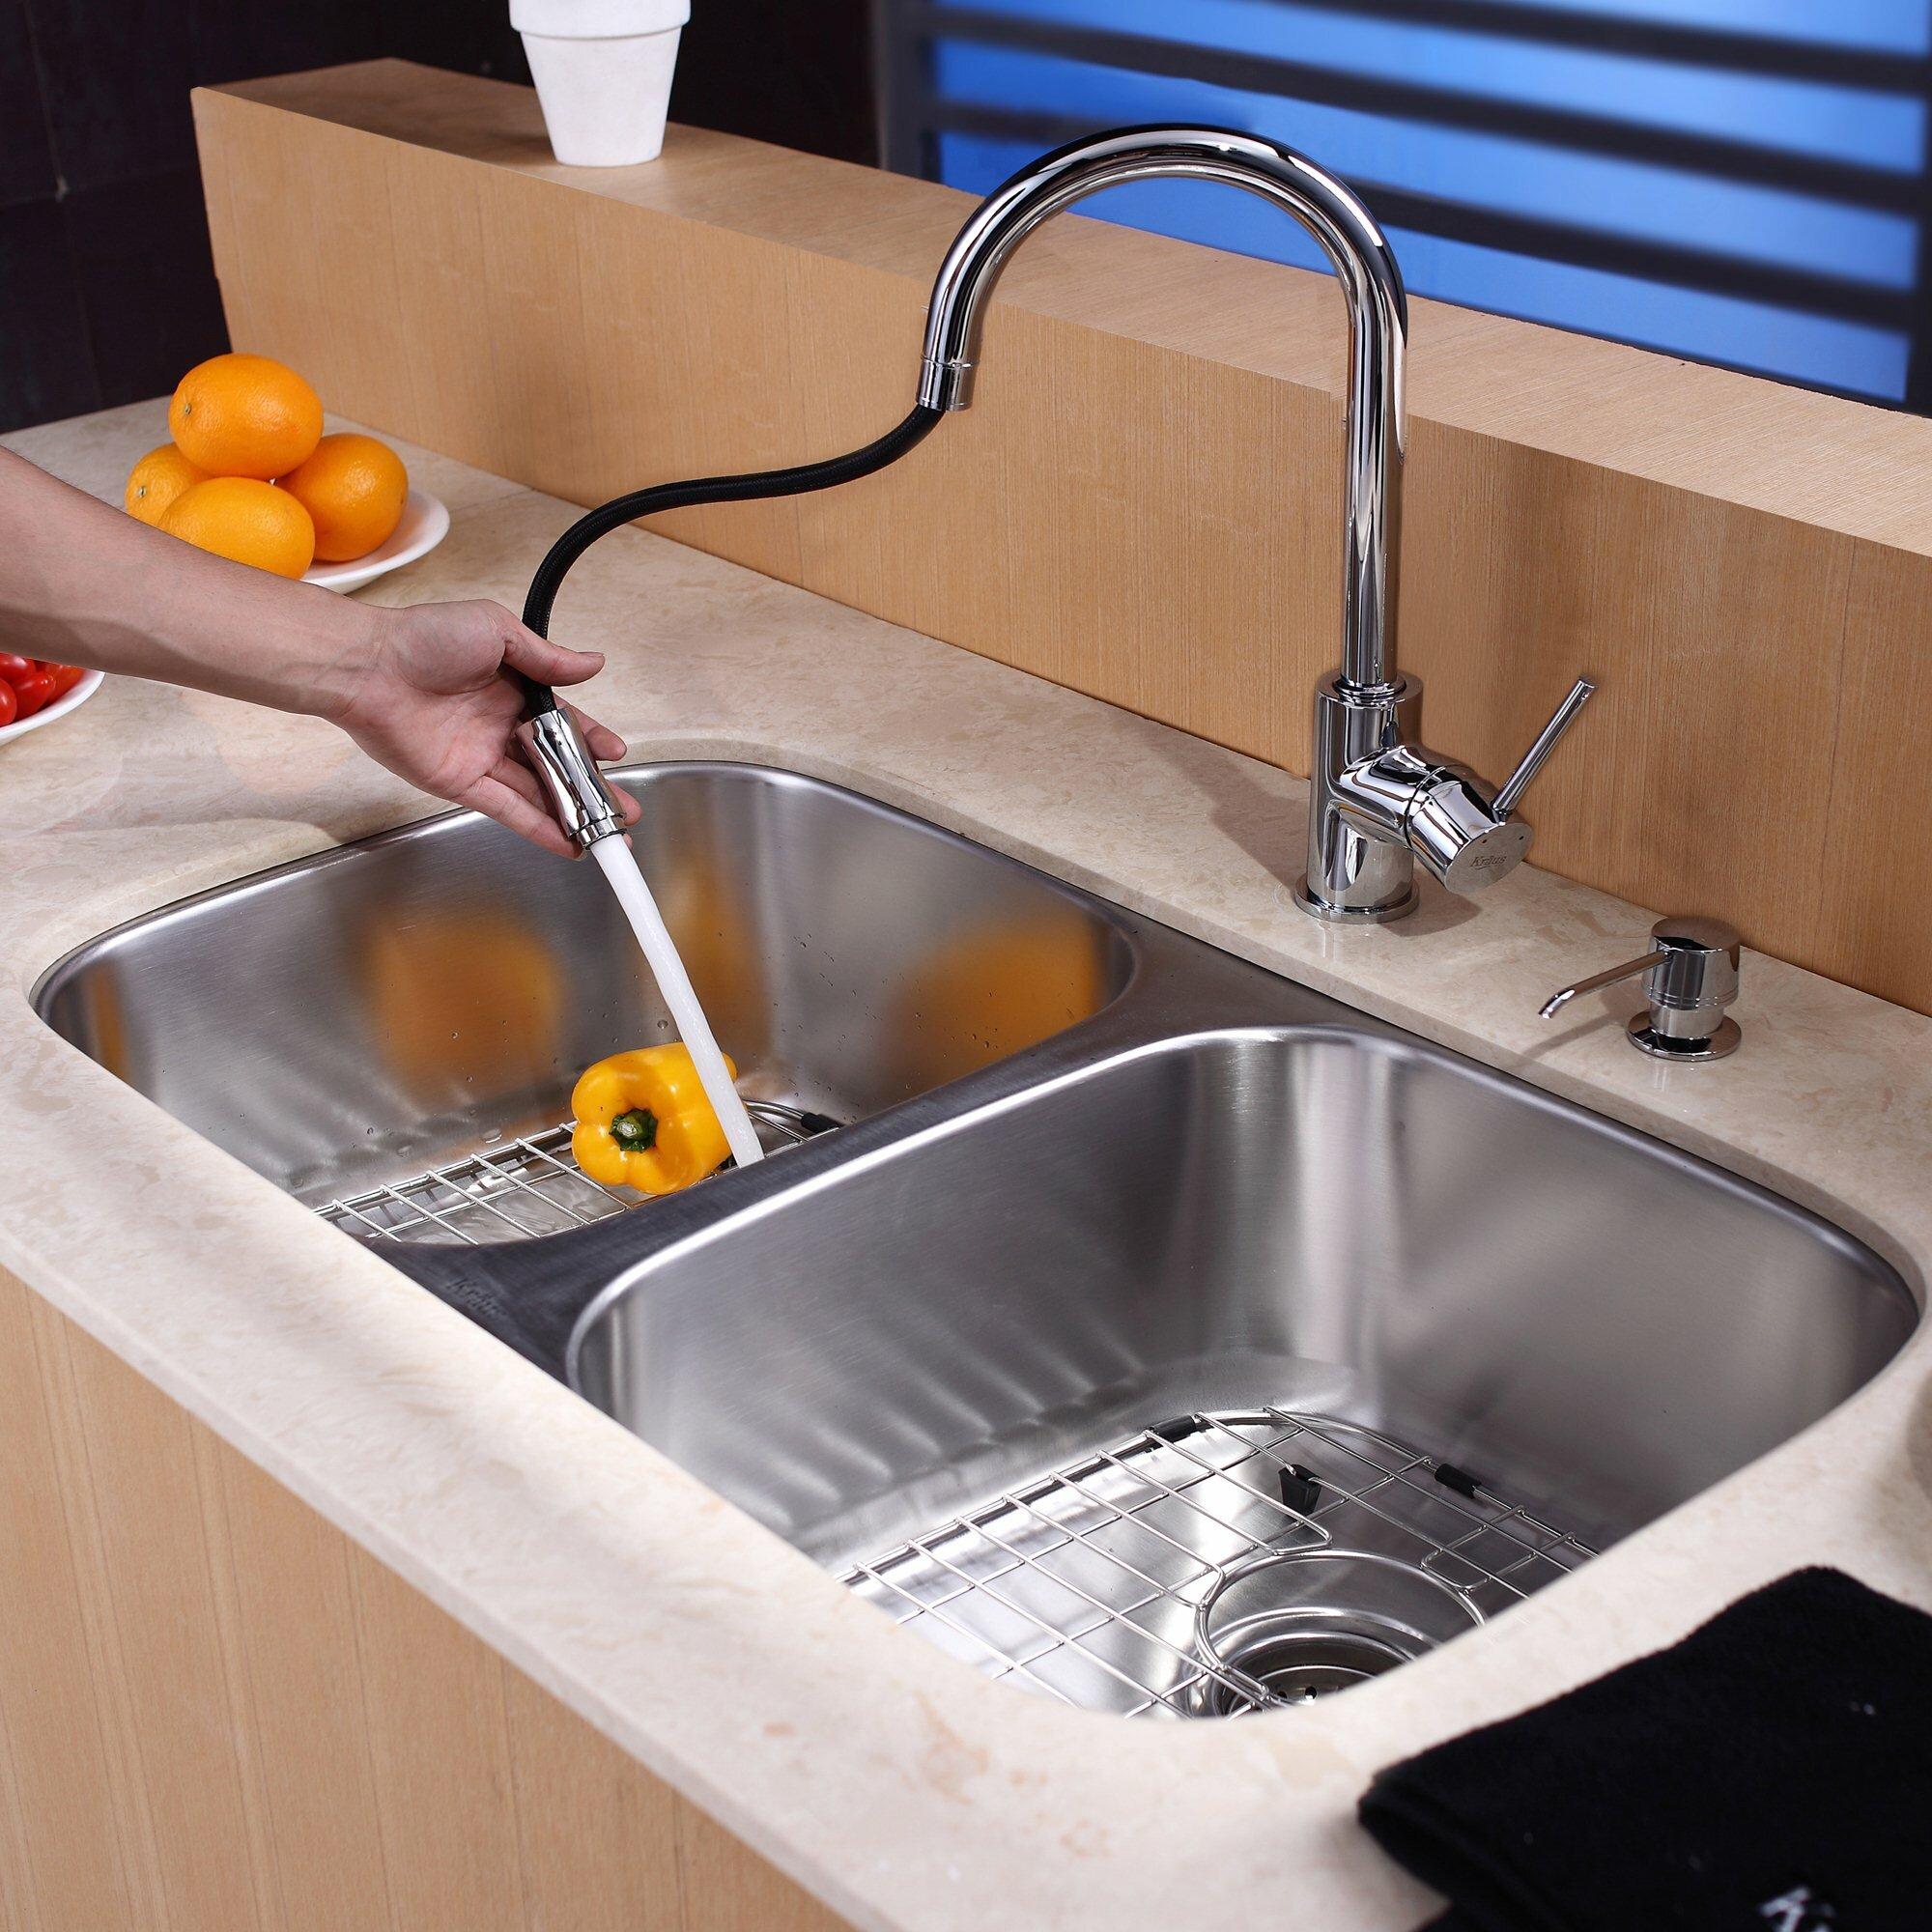 Kraus 8 Piece Undermount Double Bowl Kitchen Sink Set & Reviews ...